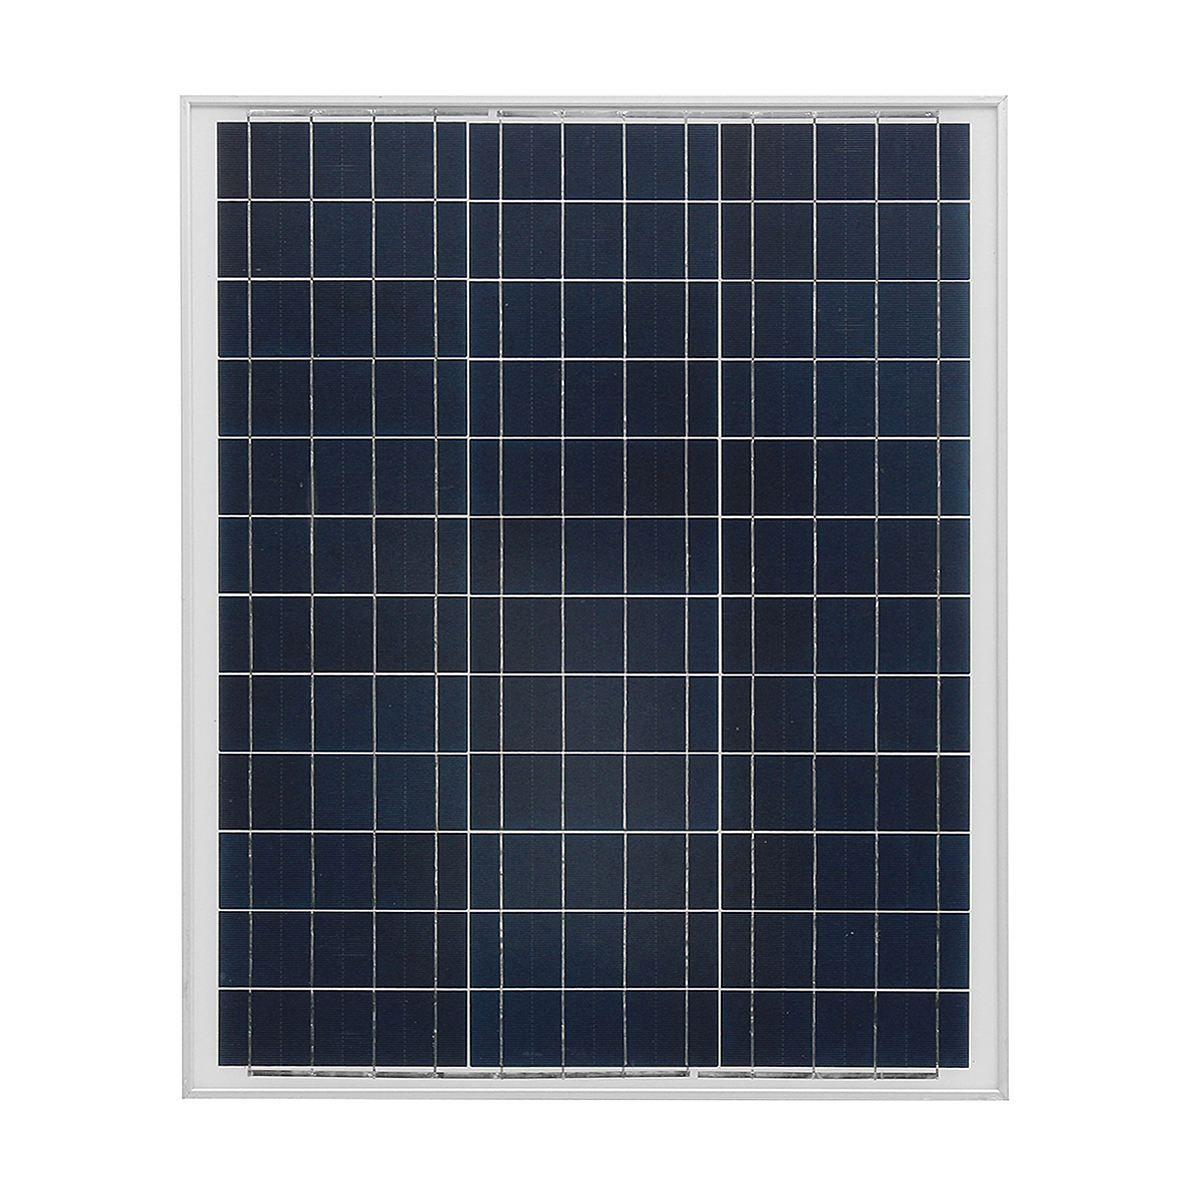 LEORY 40 watt 18 v Polykristalline Silizium Solar Panel Mit Glas Lagerplatte Geeignet Für Verschiedene Umwelt Als Auto Batterie